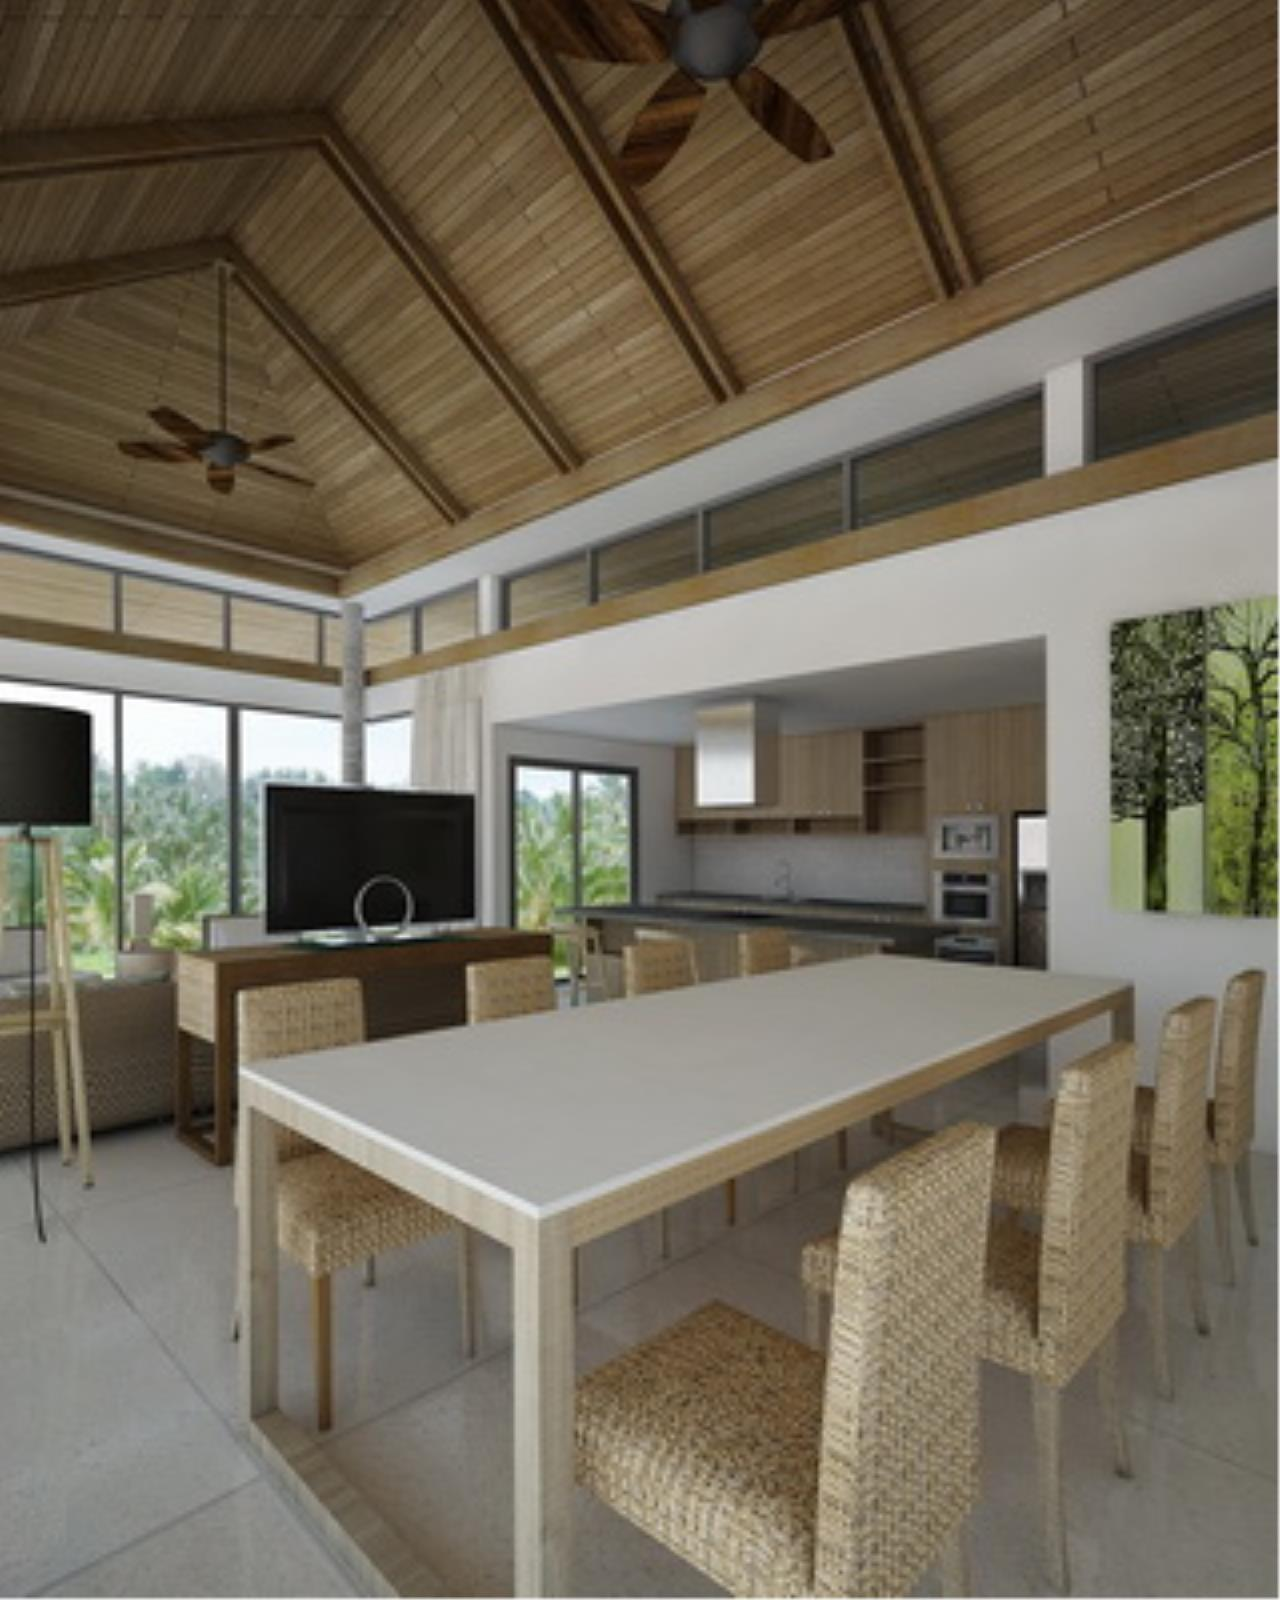 REAL Phuket  Agency's Botanica Villas (Phase III) - Contemporary 3-Bedroom Pool Villa at Layan Beach 7